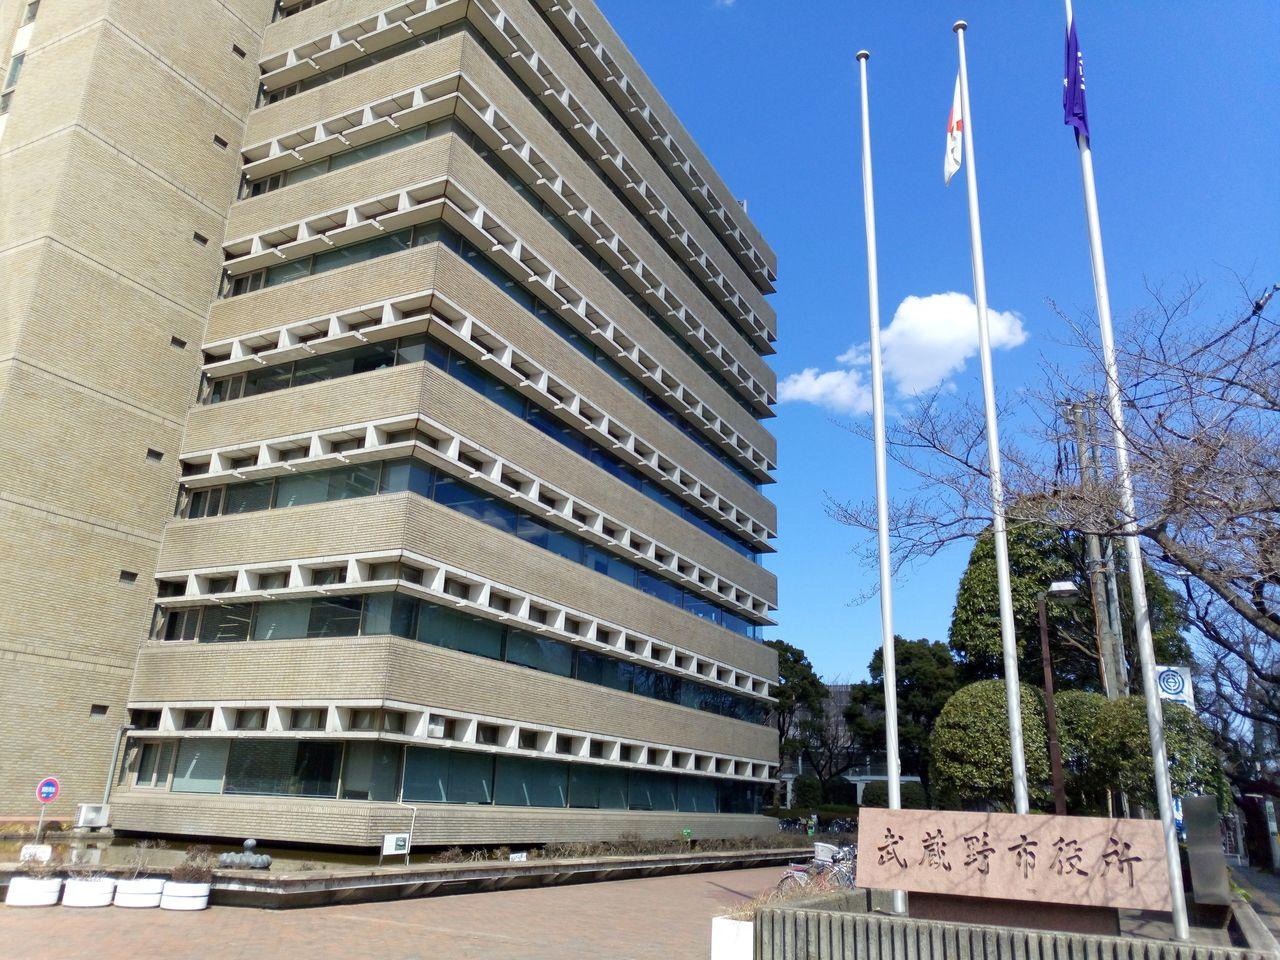 武蔵野市の市政アンケート調査の結果速報が出ました